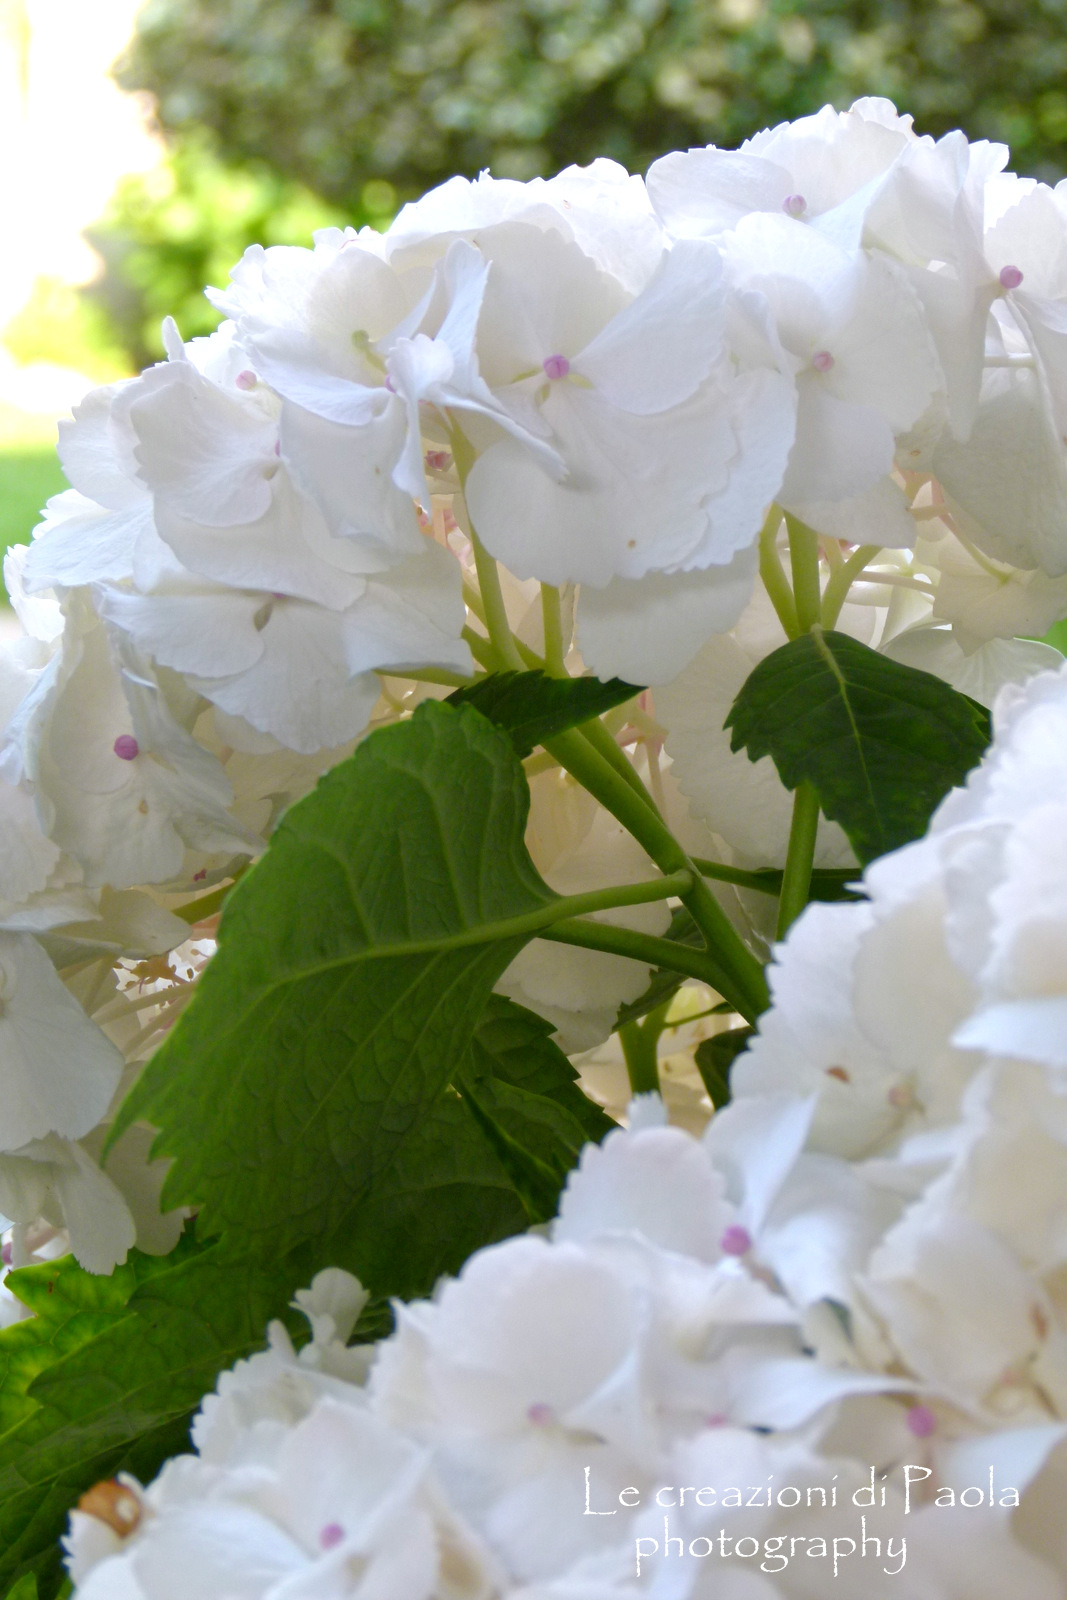 Le creazioni di paola ortensie bianche for Ortensie bianche